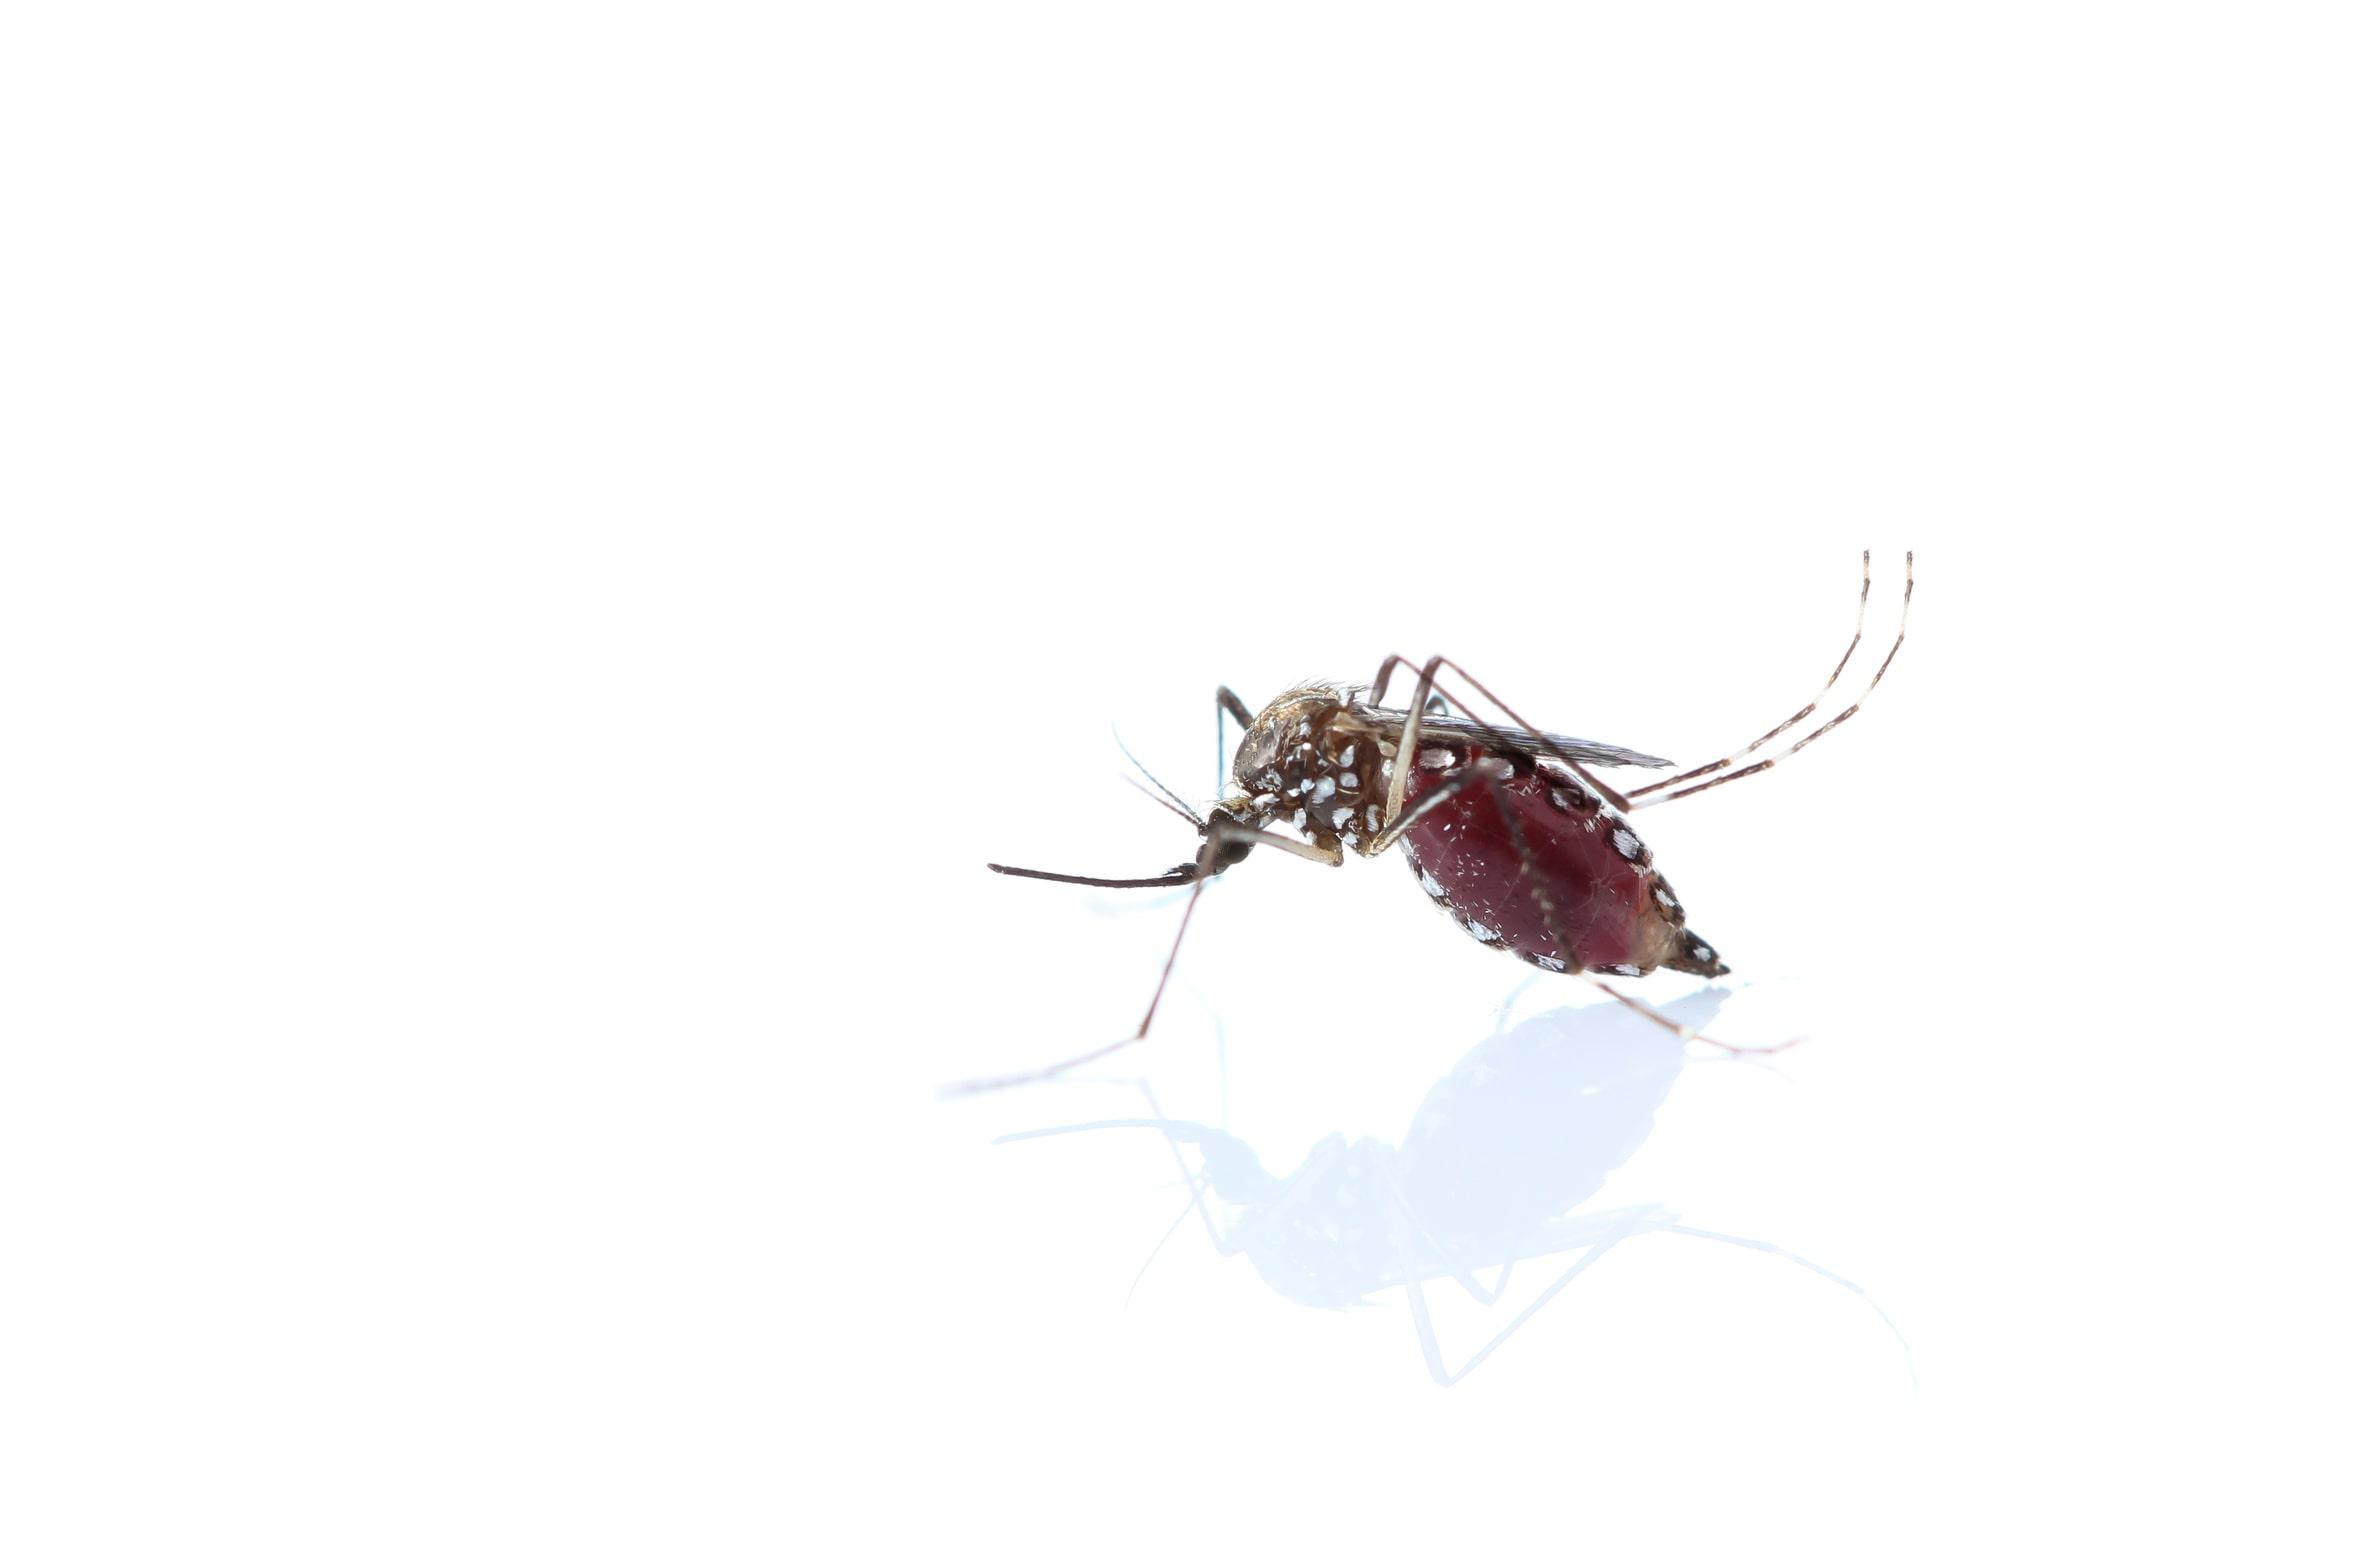 ¿Qué es el virus Chikungunya?